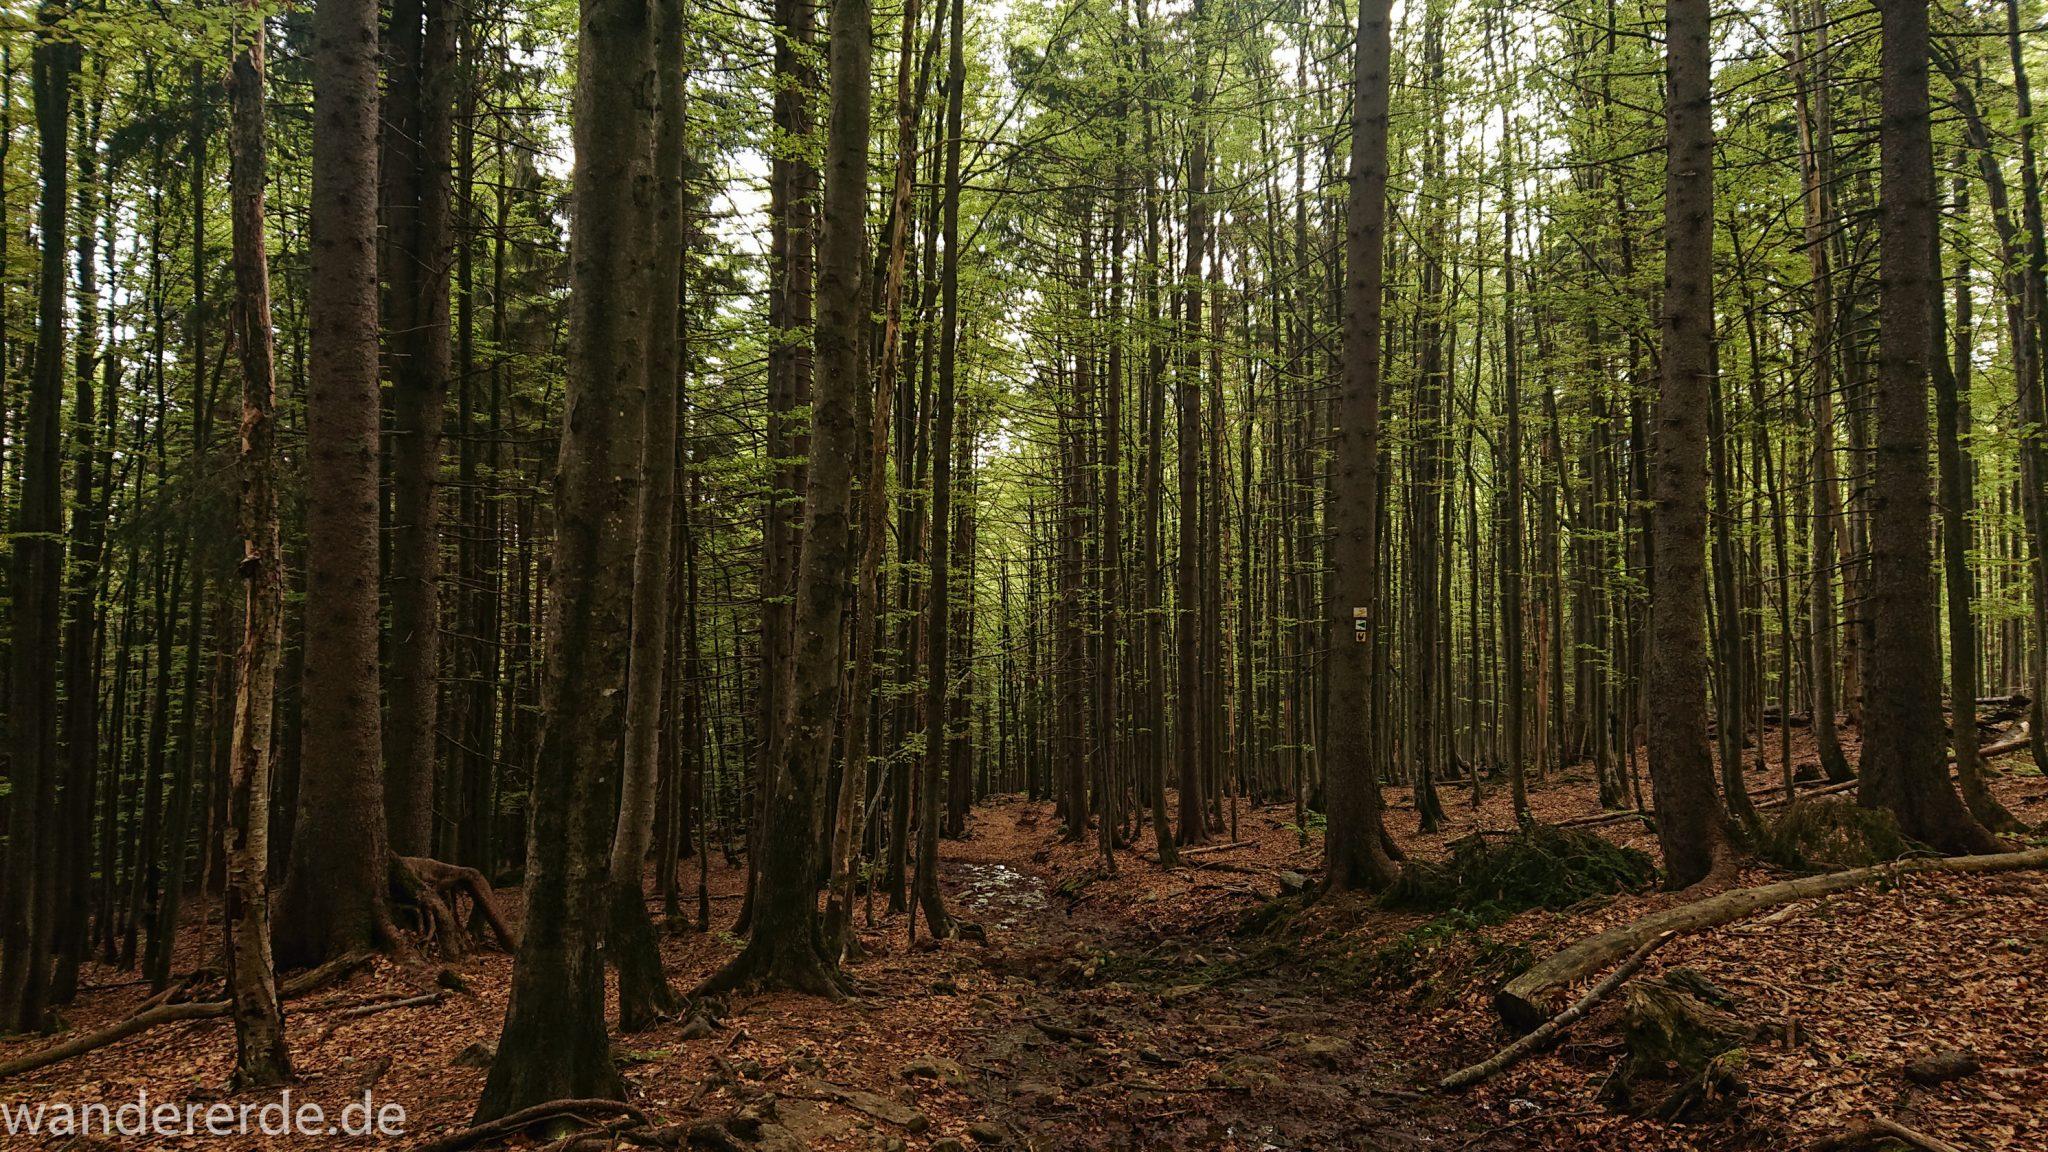 Wanderung Großer Rachel im Nationalpark Bayerischer Wald, Start Parkplatz Oberfrauenau, abwechslungsreicher Wanderweg, auf tollem Pfad über Stock und Stein, teils sehr matschig, schöner dichter Wald, Laubbaum, Nadelbaum, Wegmarkierung an Baum